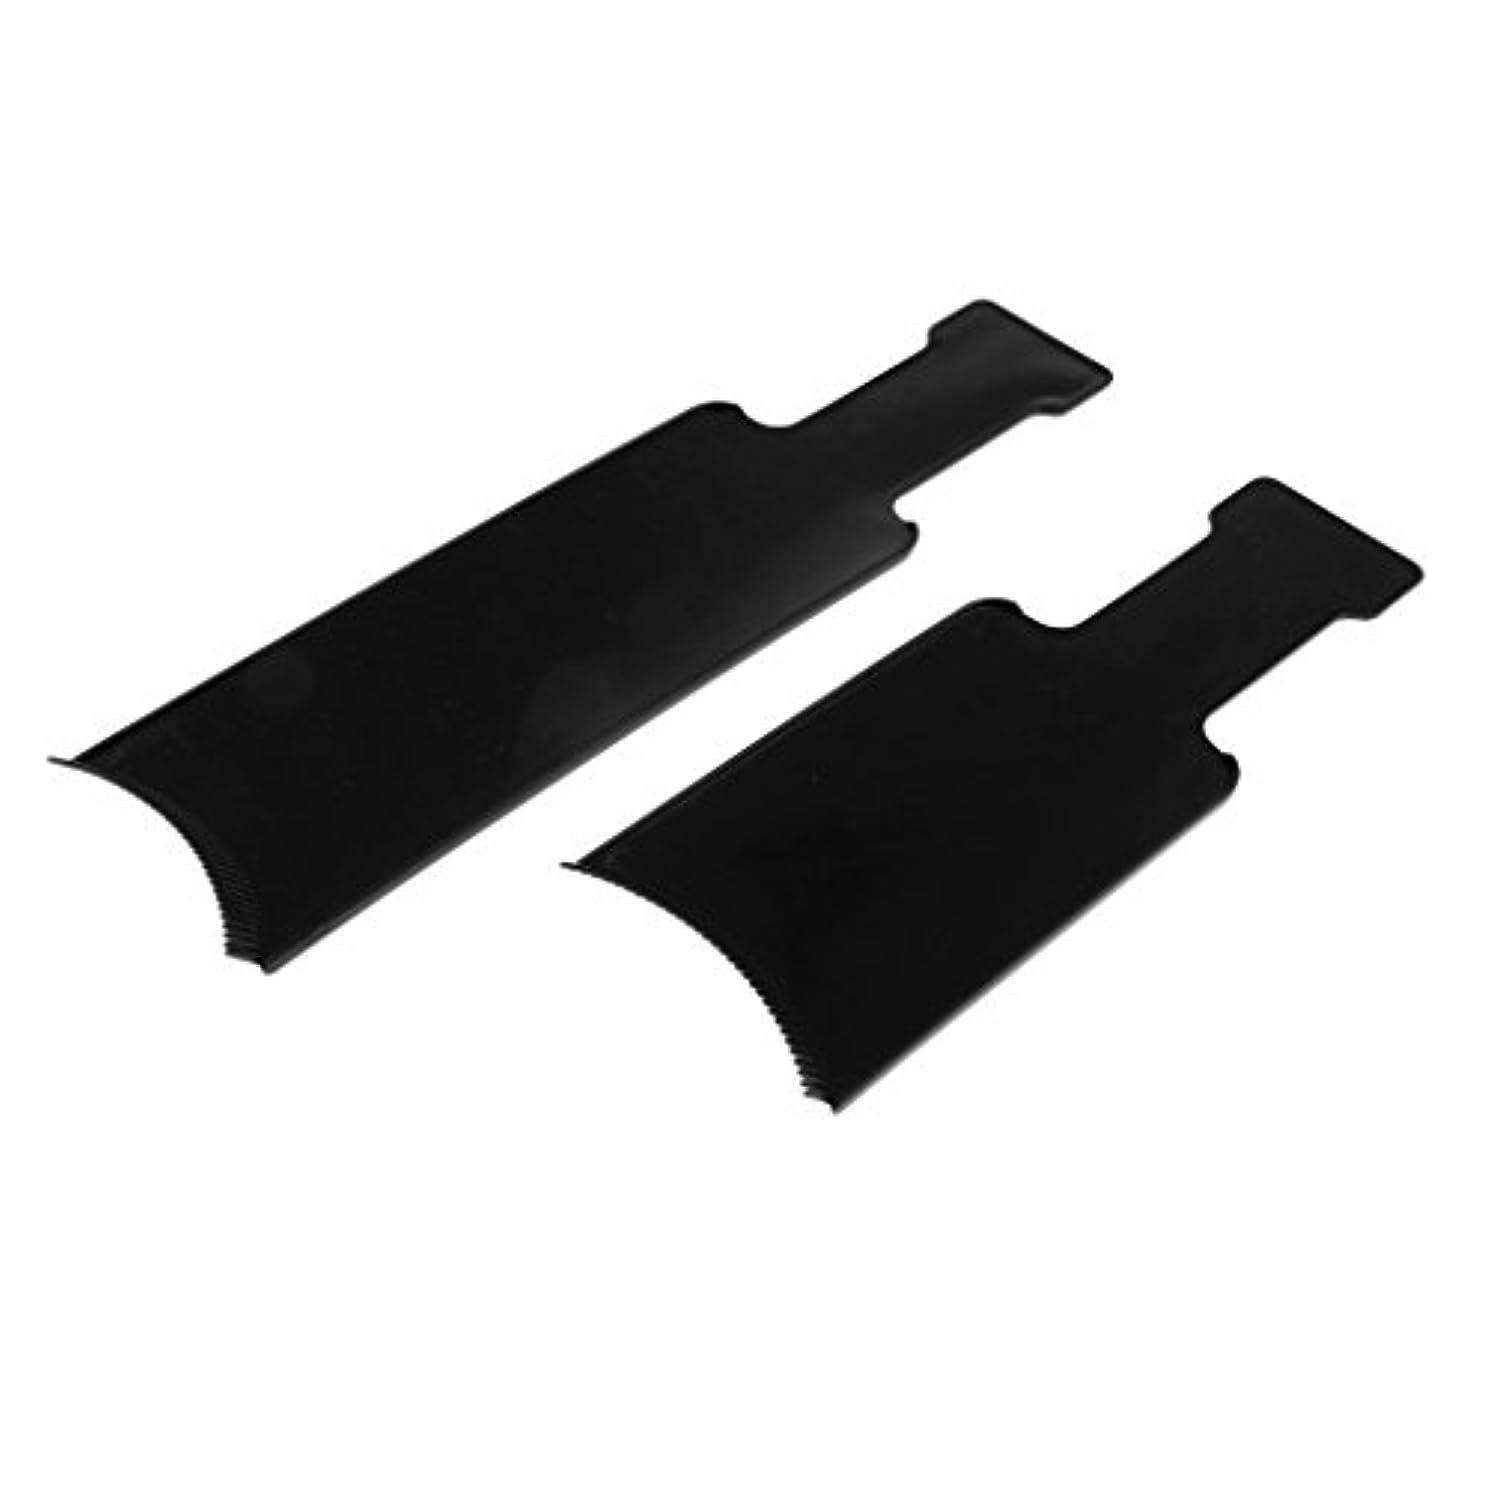 アトラス結晶重要性DYNWAVE ヘアカラーボード 染色櫛 染色プレート ヘアカラー プラスチック製 美容ツール 黒 2個入